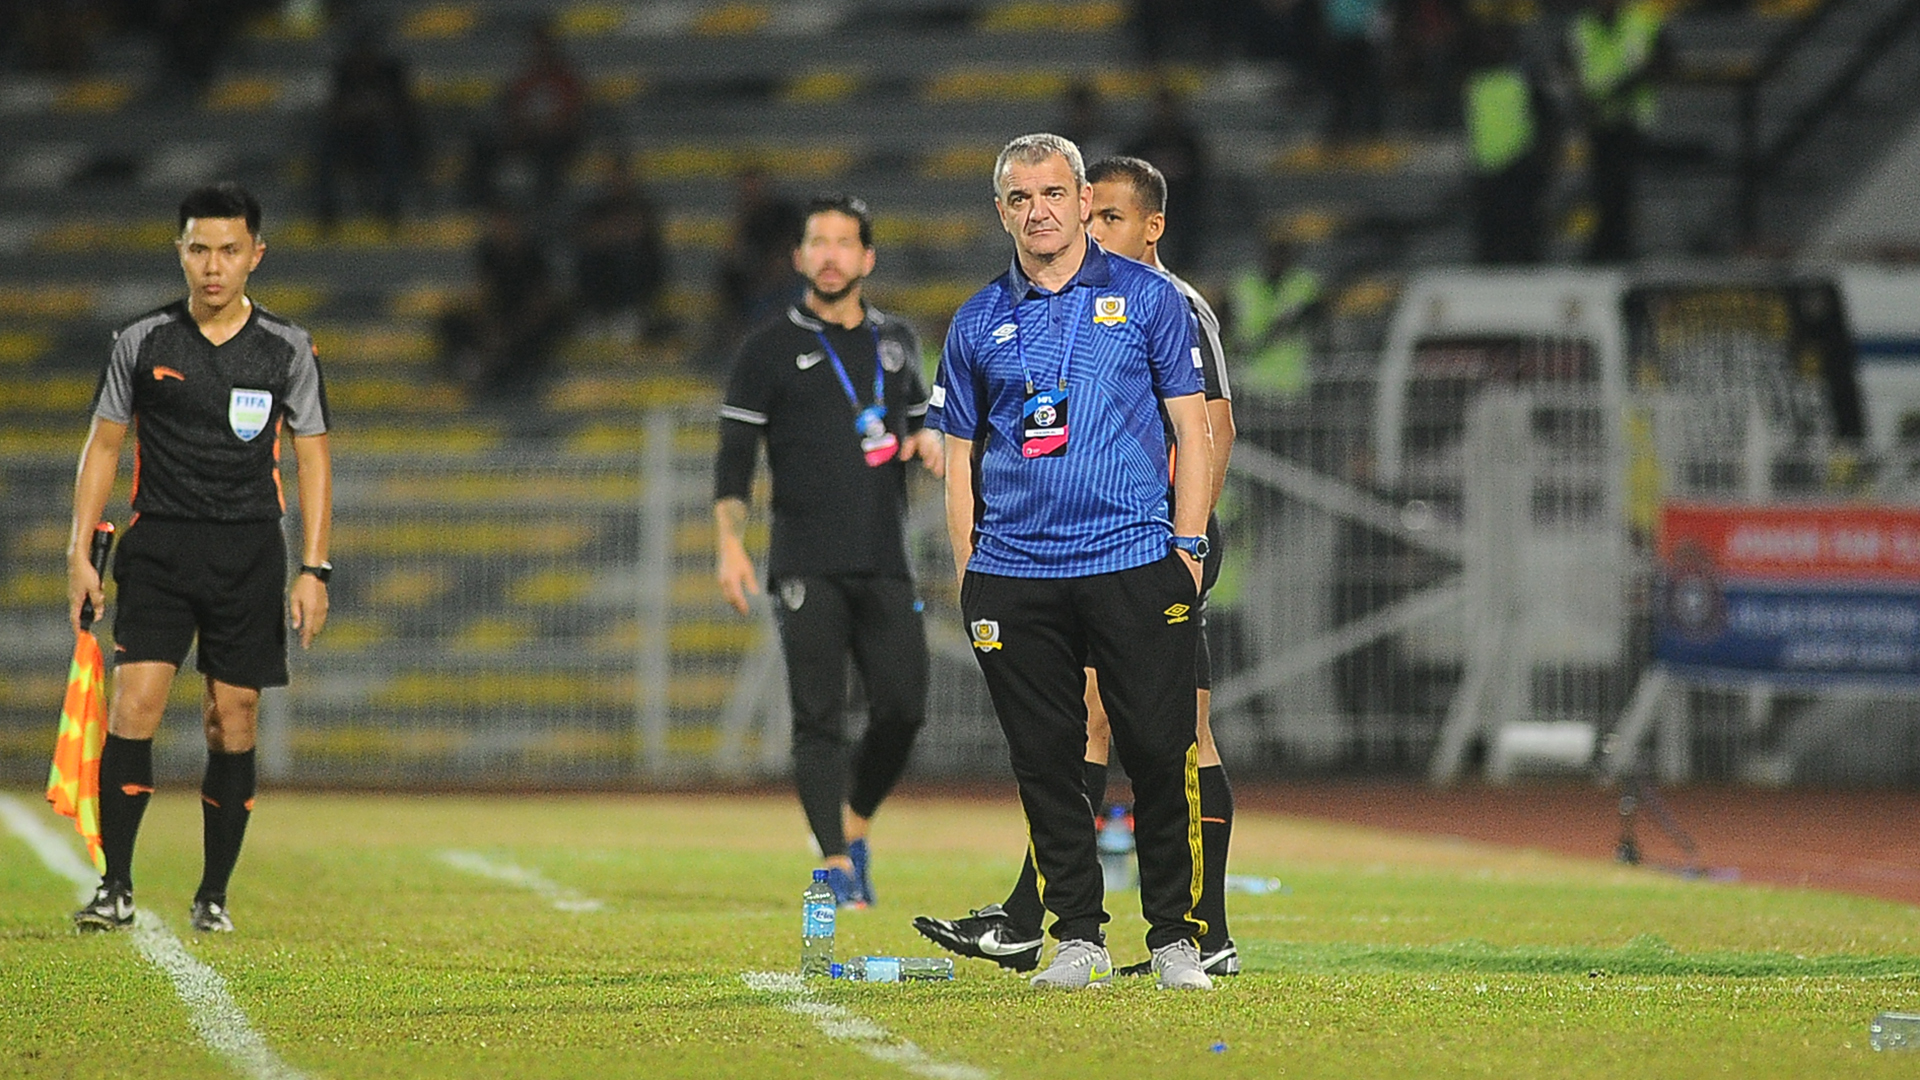 Mehmet Durakovic, Perak v Johor Darul Ta'zim, Malaysia Super League, 6 Jul 2019